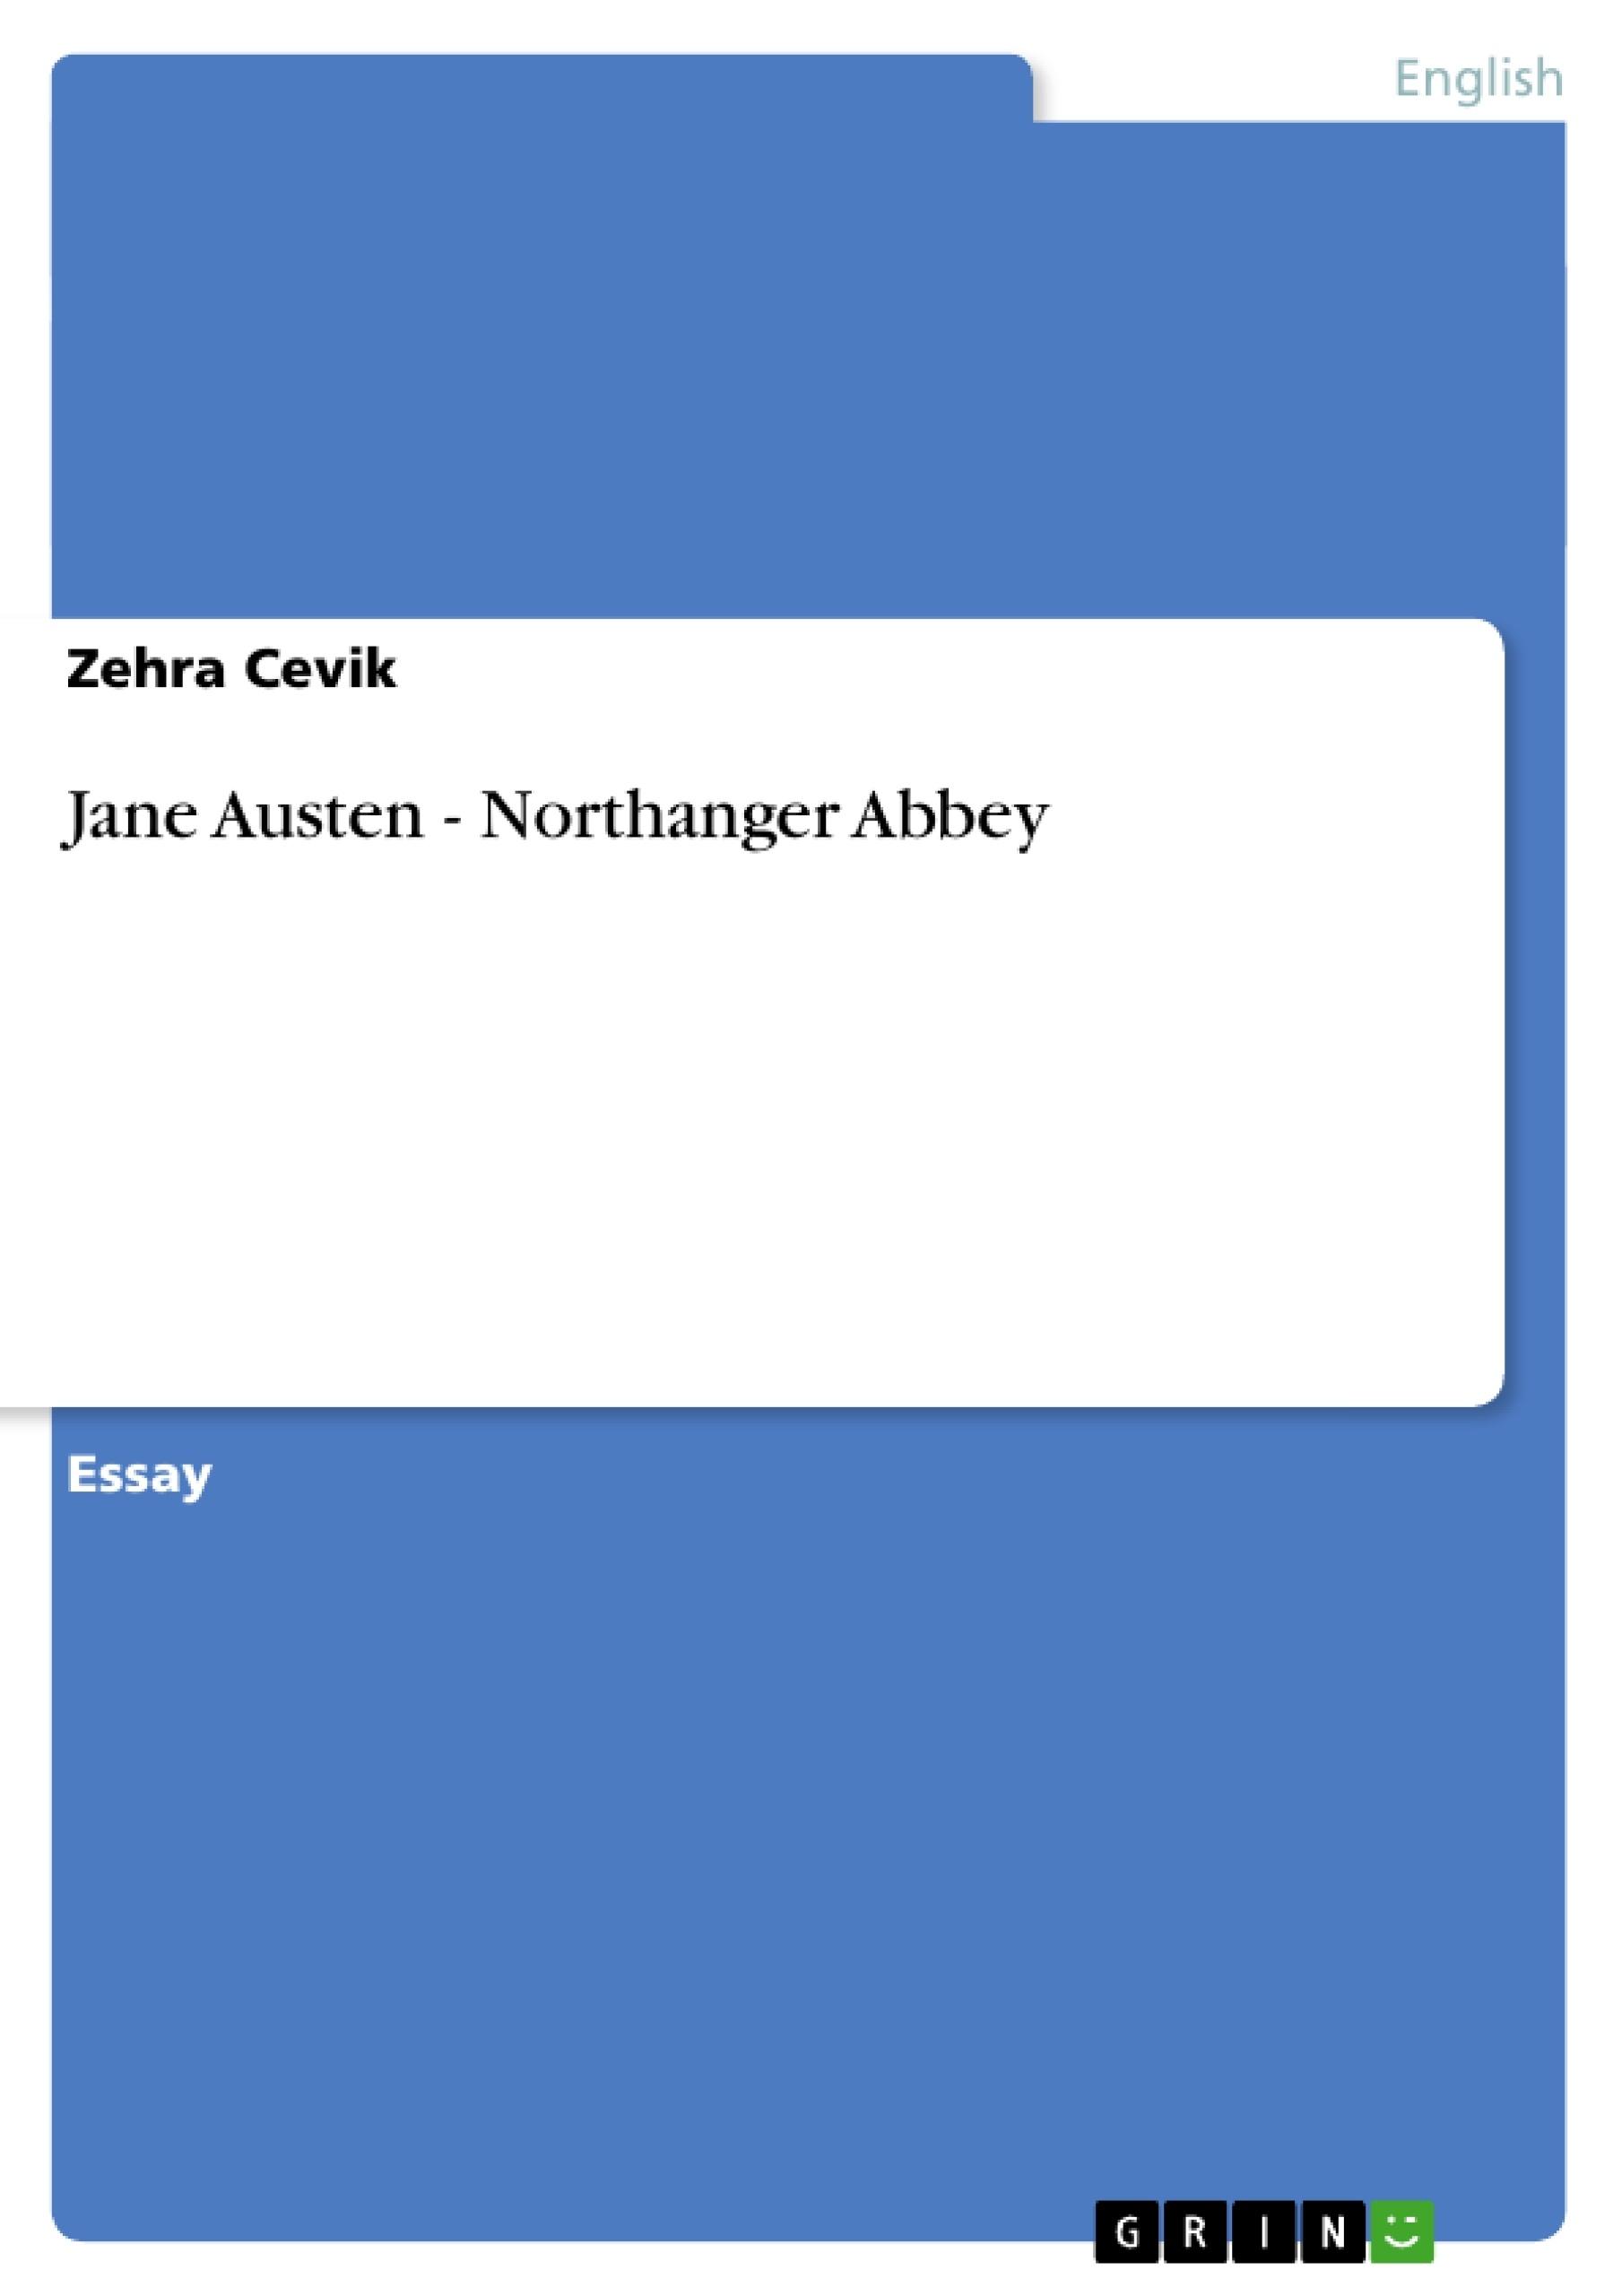 Title: Jane Austen - Northanger Abbey